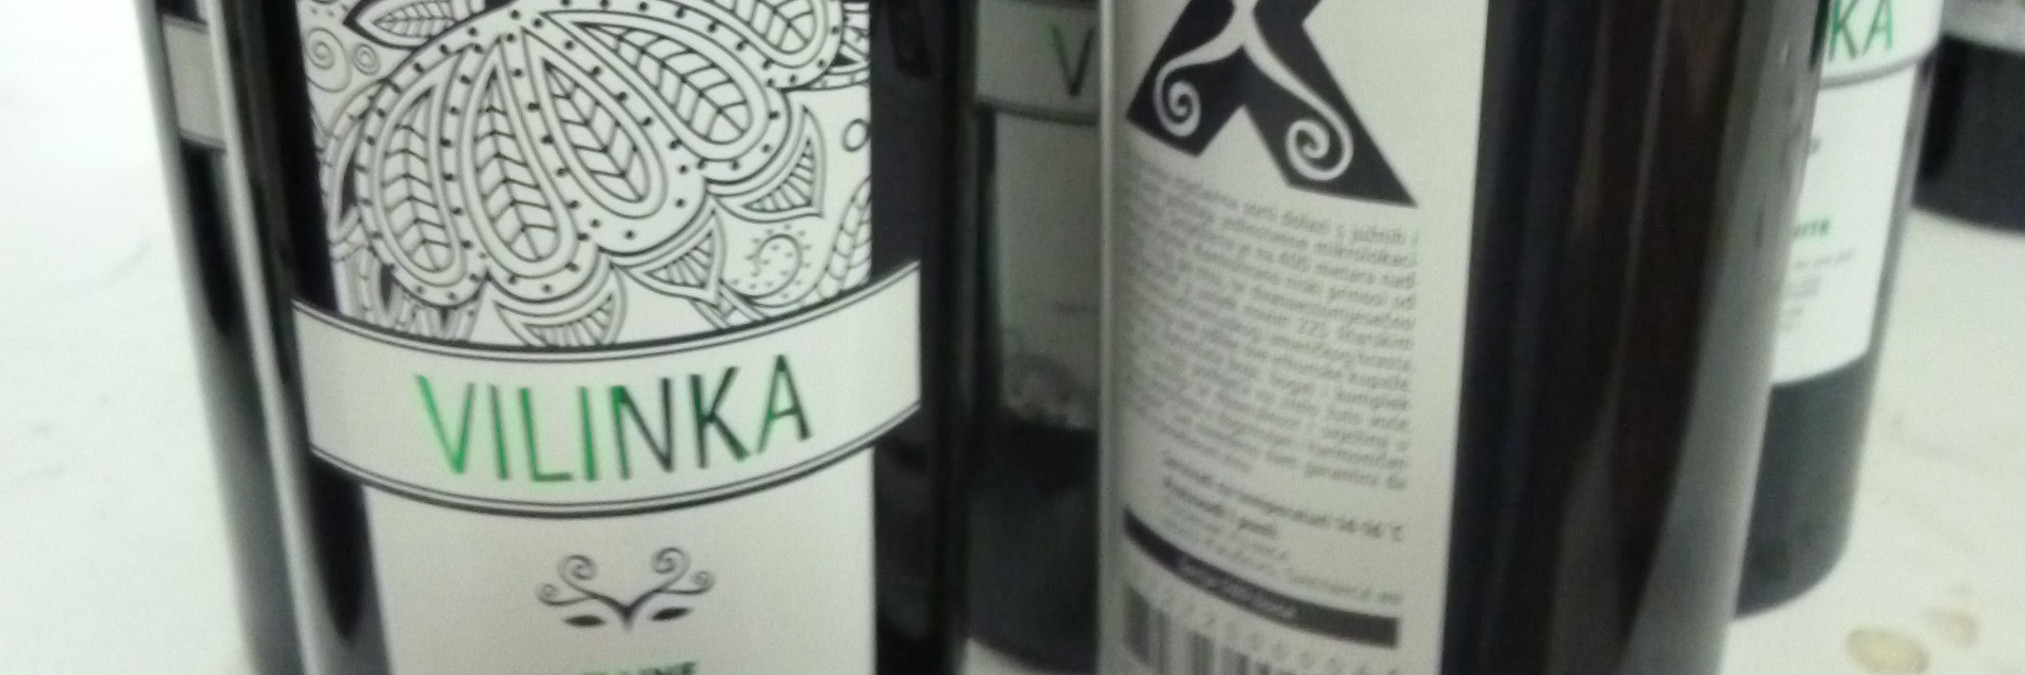 Винодельня Vilinka. Фото: Елена Арсениевич, CC BY-SA 3.0